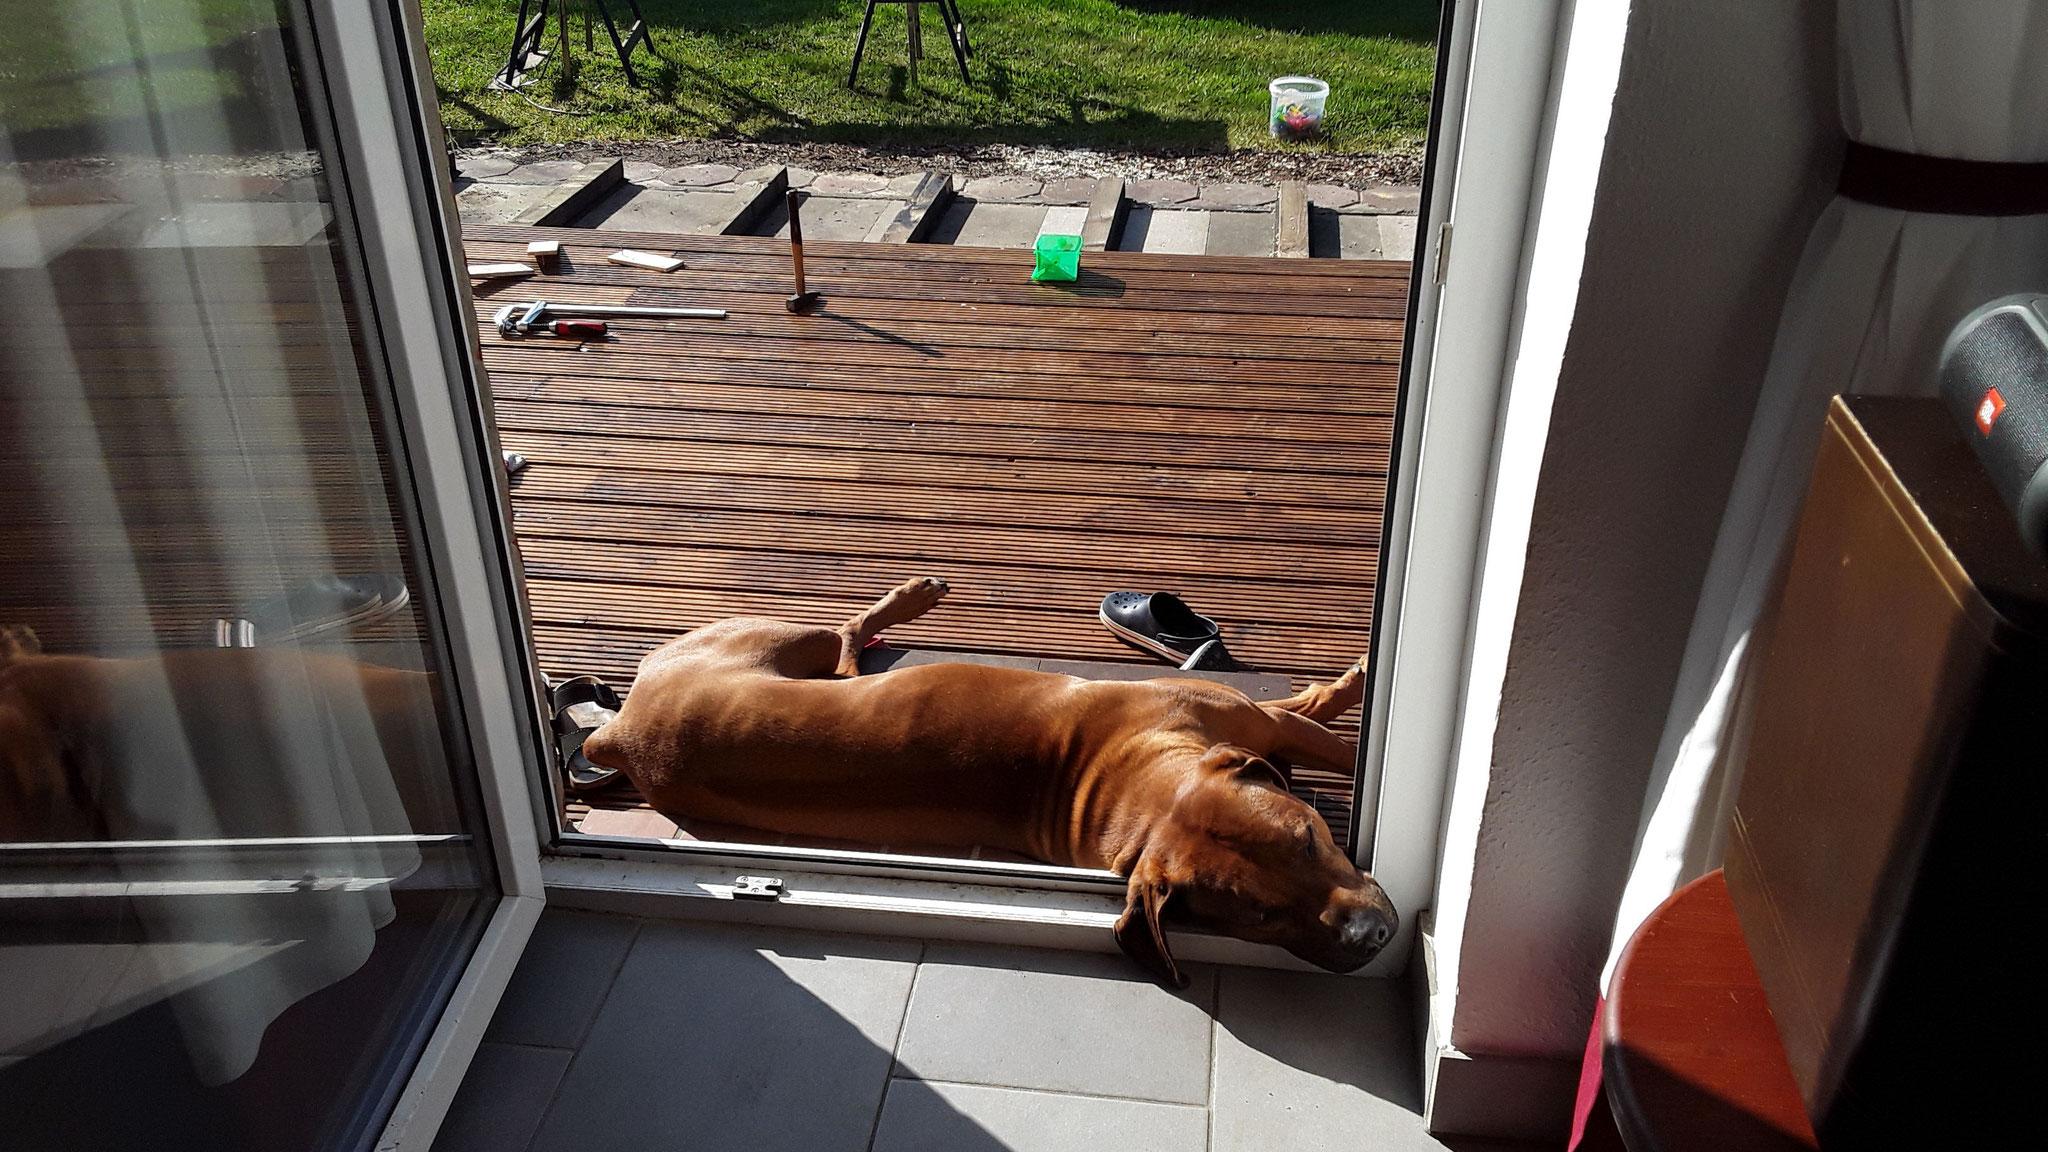 Theo, unser Hund, liegt auf der Baustelle